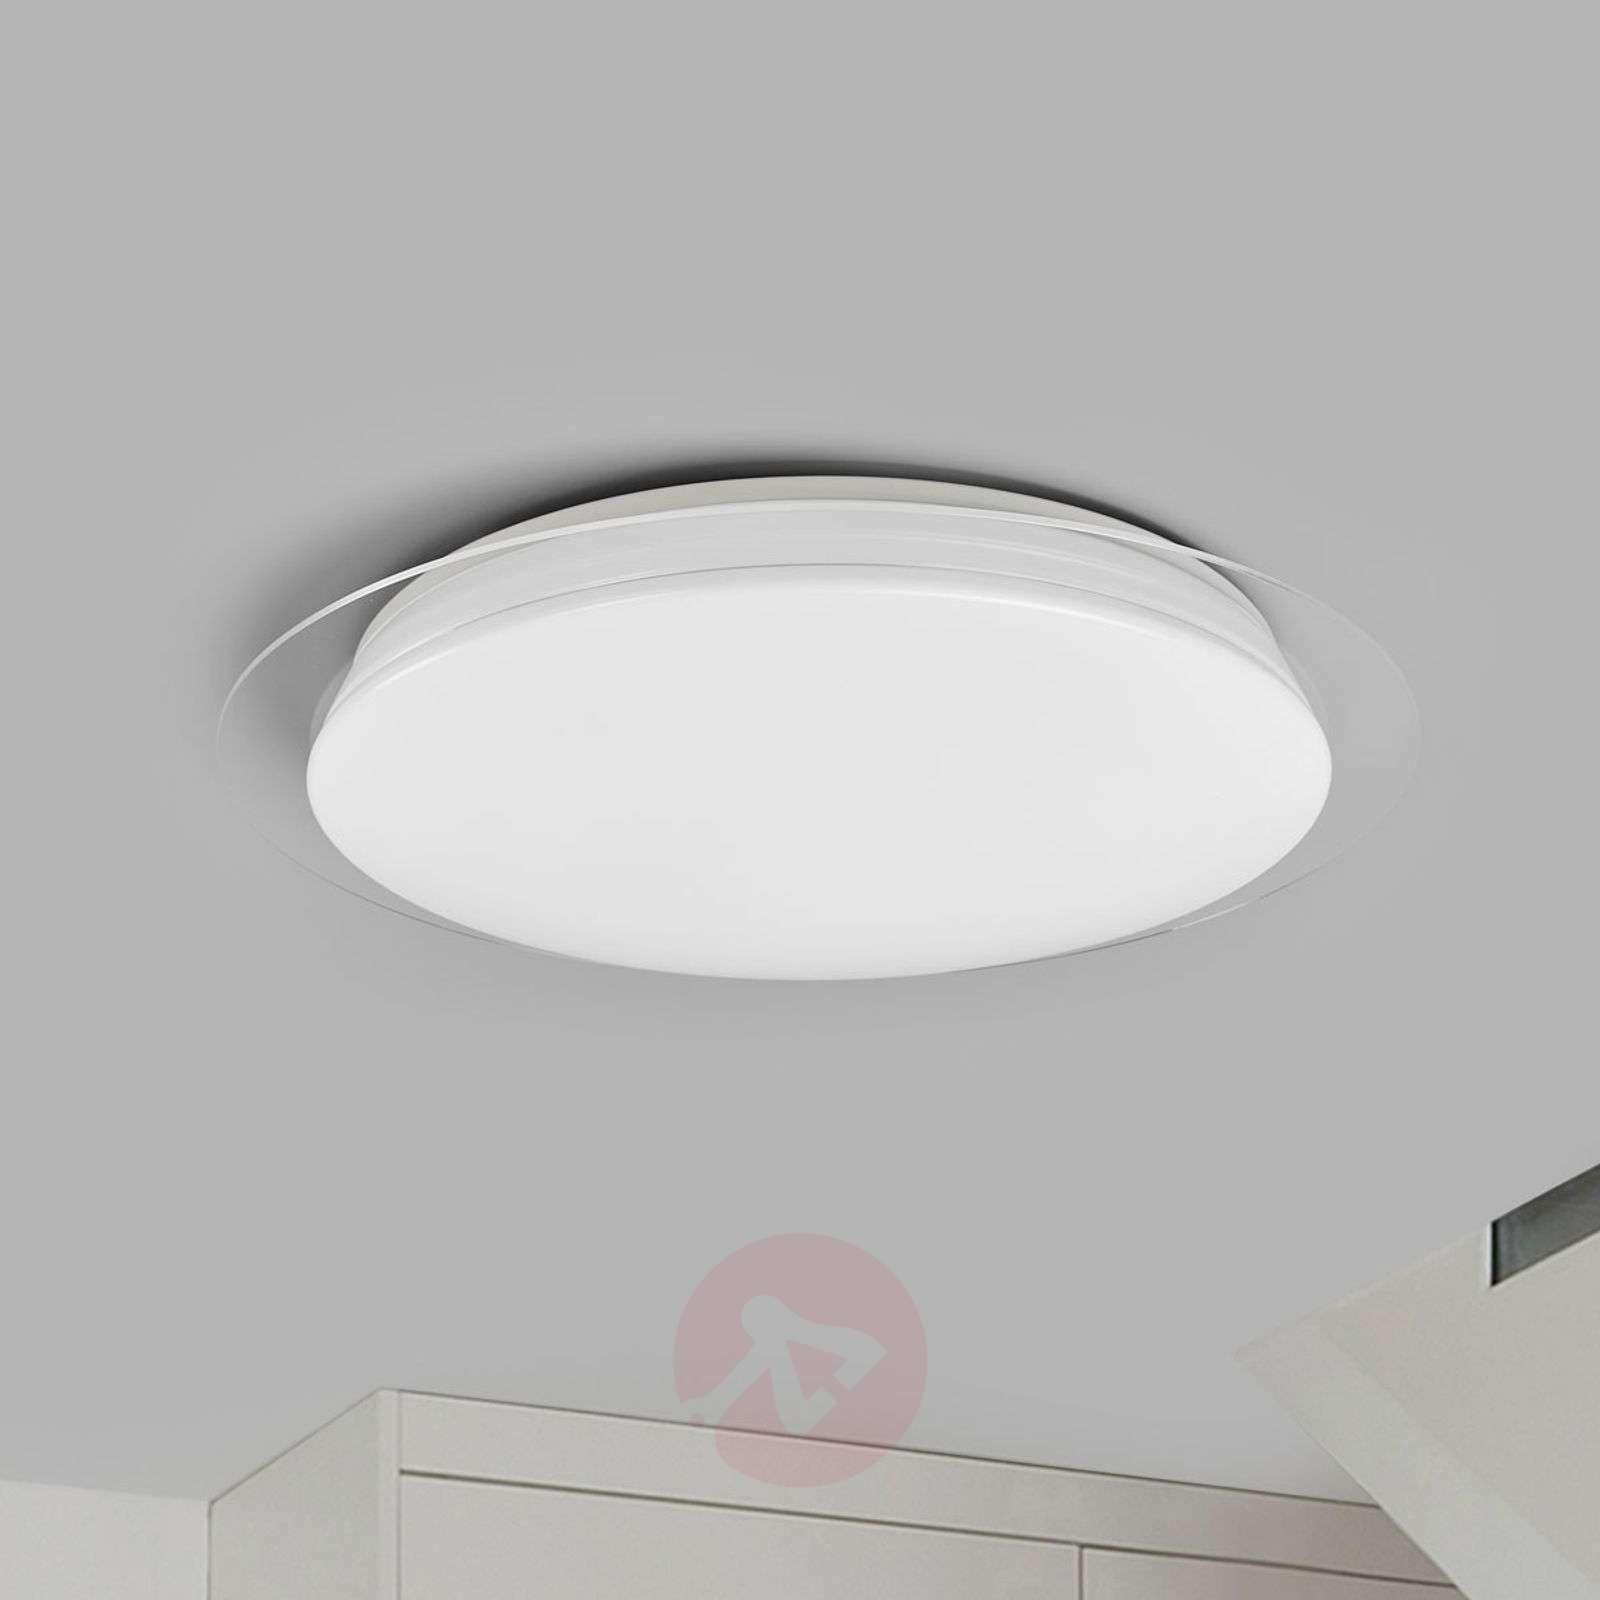 Tille LED-kattovalaisin, himm., kaukosäätimellä-9952008-02